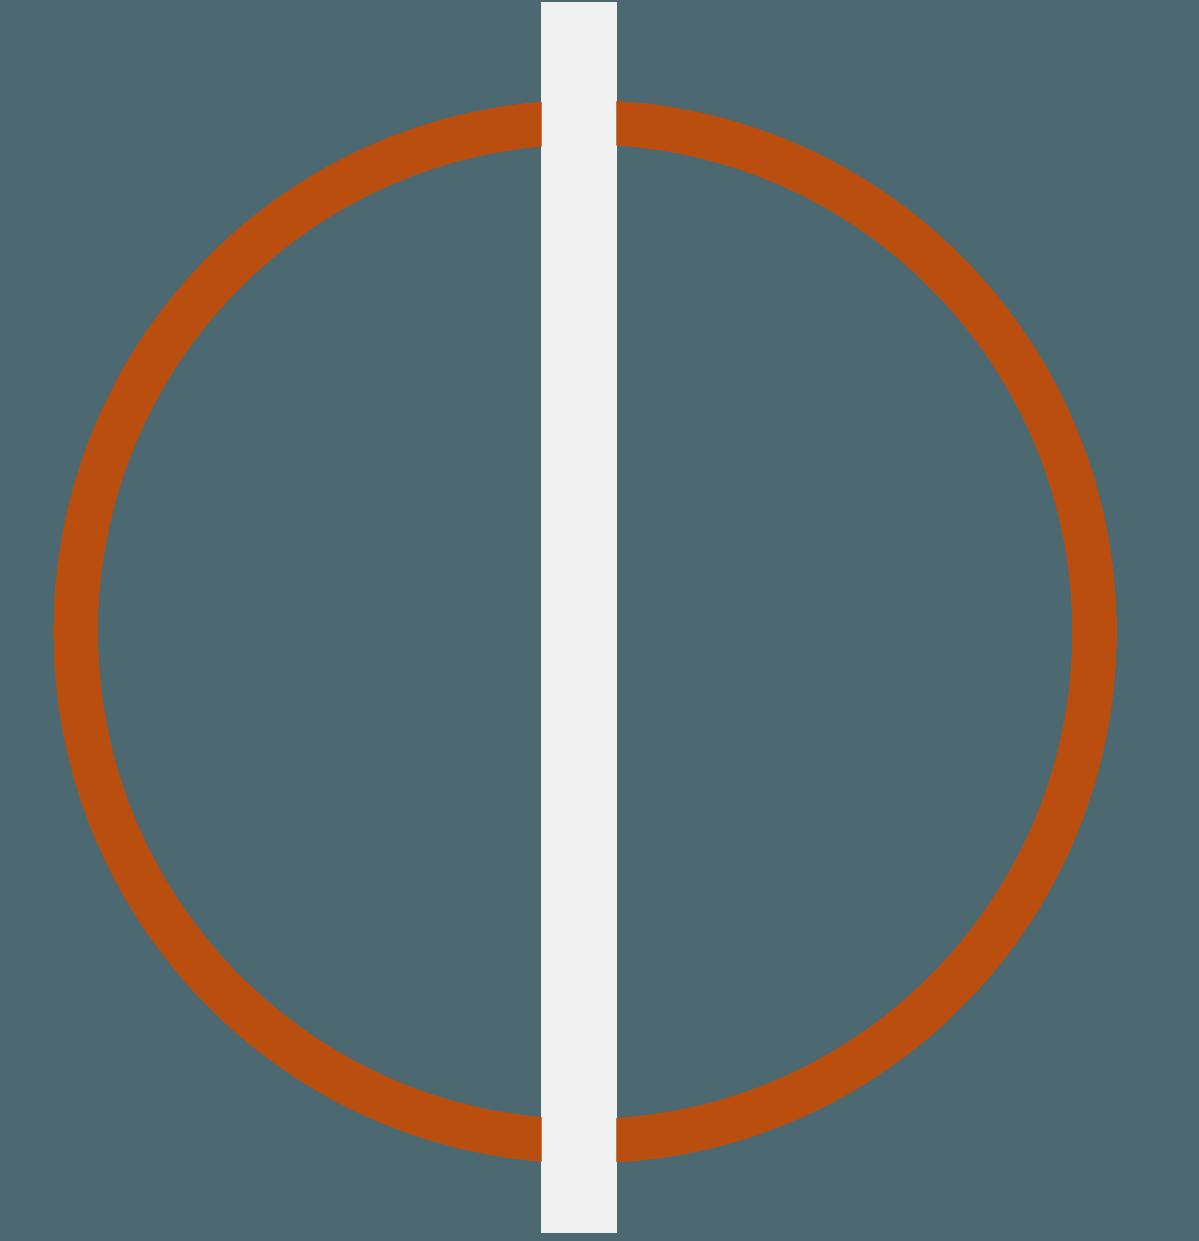 WEBinside_circel_logo-03